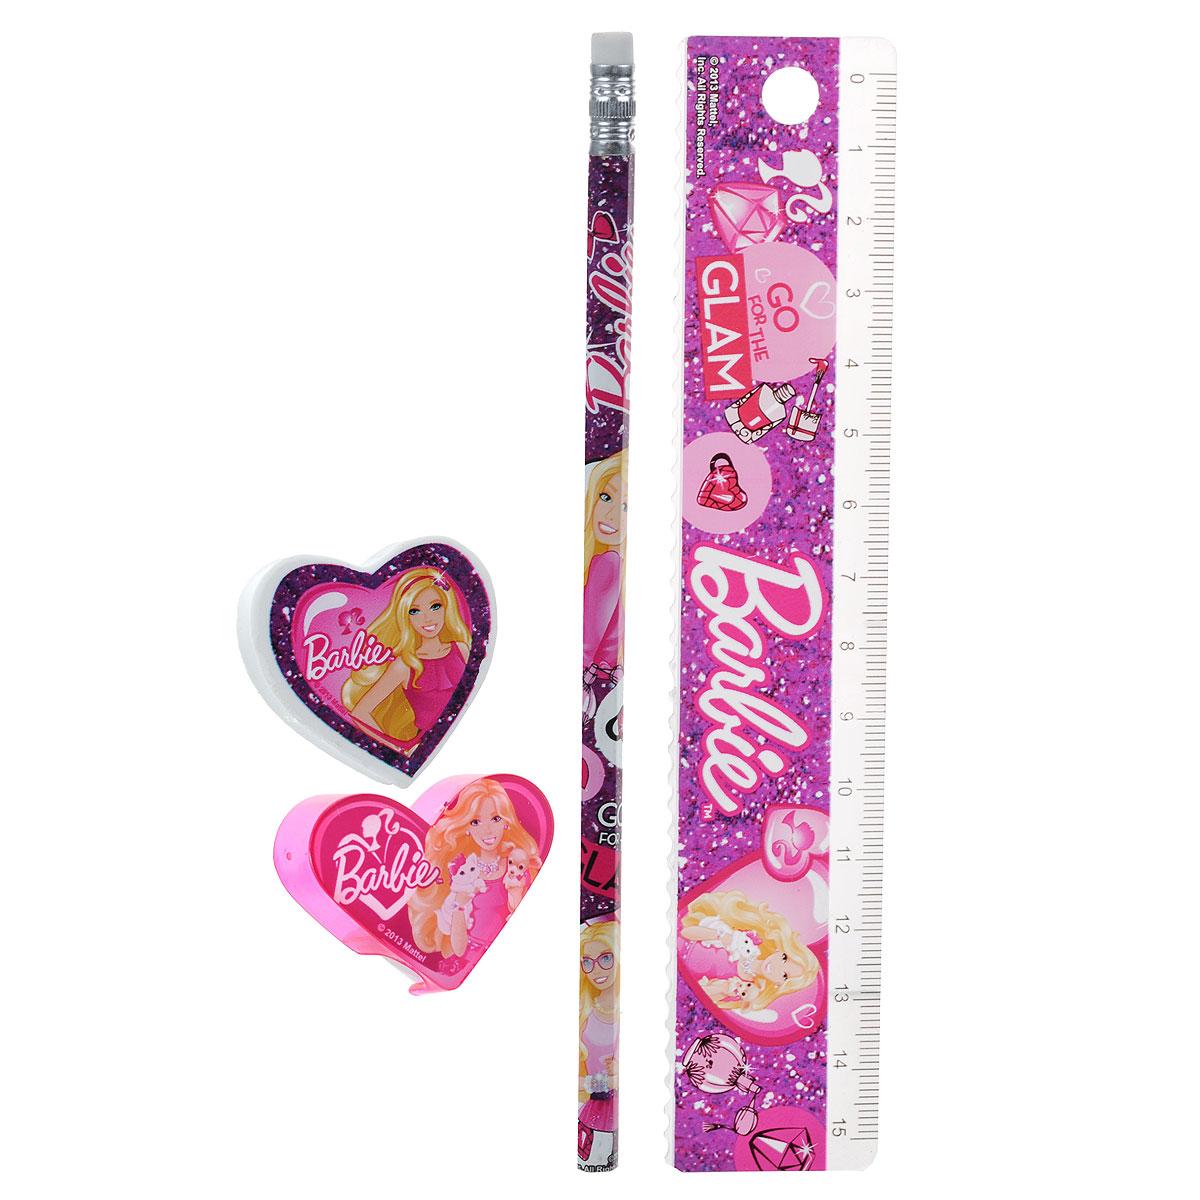 Канцелярский набор Barbie, 4 предметаBRBB-US1-5020-HКанцелярский набор Barbie станет незаменимым атрибутом в учебе маленькой школьницы. Он включает в себя незаточенный чернографитный карандаш с ластиком на конце, ластик, точилку в форме сердечка и пластиковую линейку 15 см. Все предметы набора оформлены изображениями прекрасной Барби. Не рекомендуется детям до 3-х лет